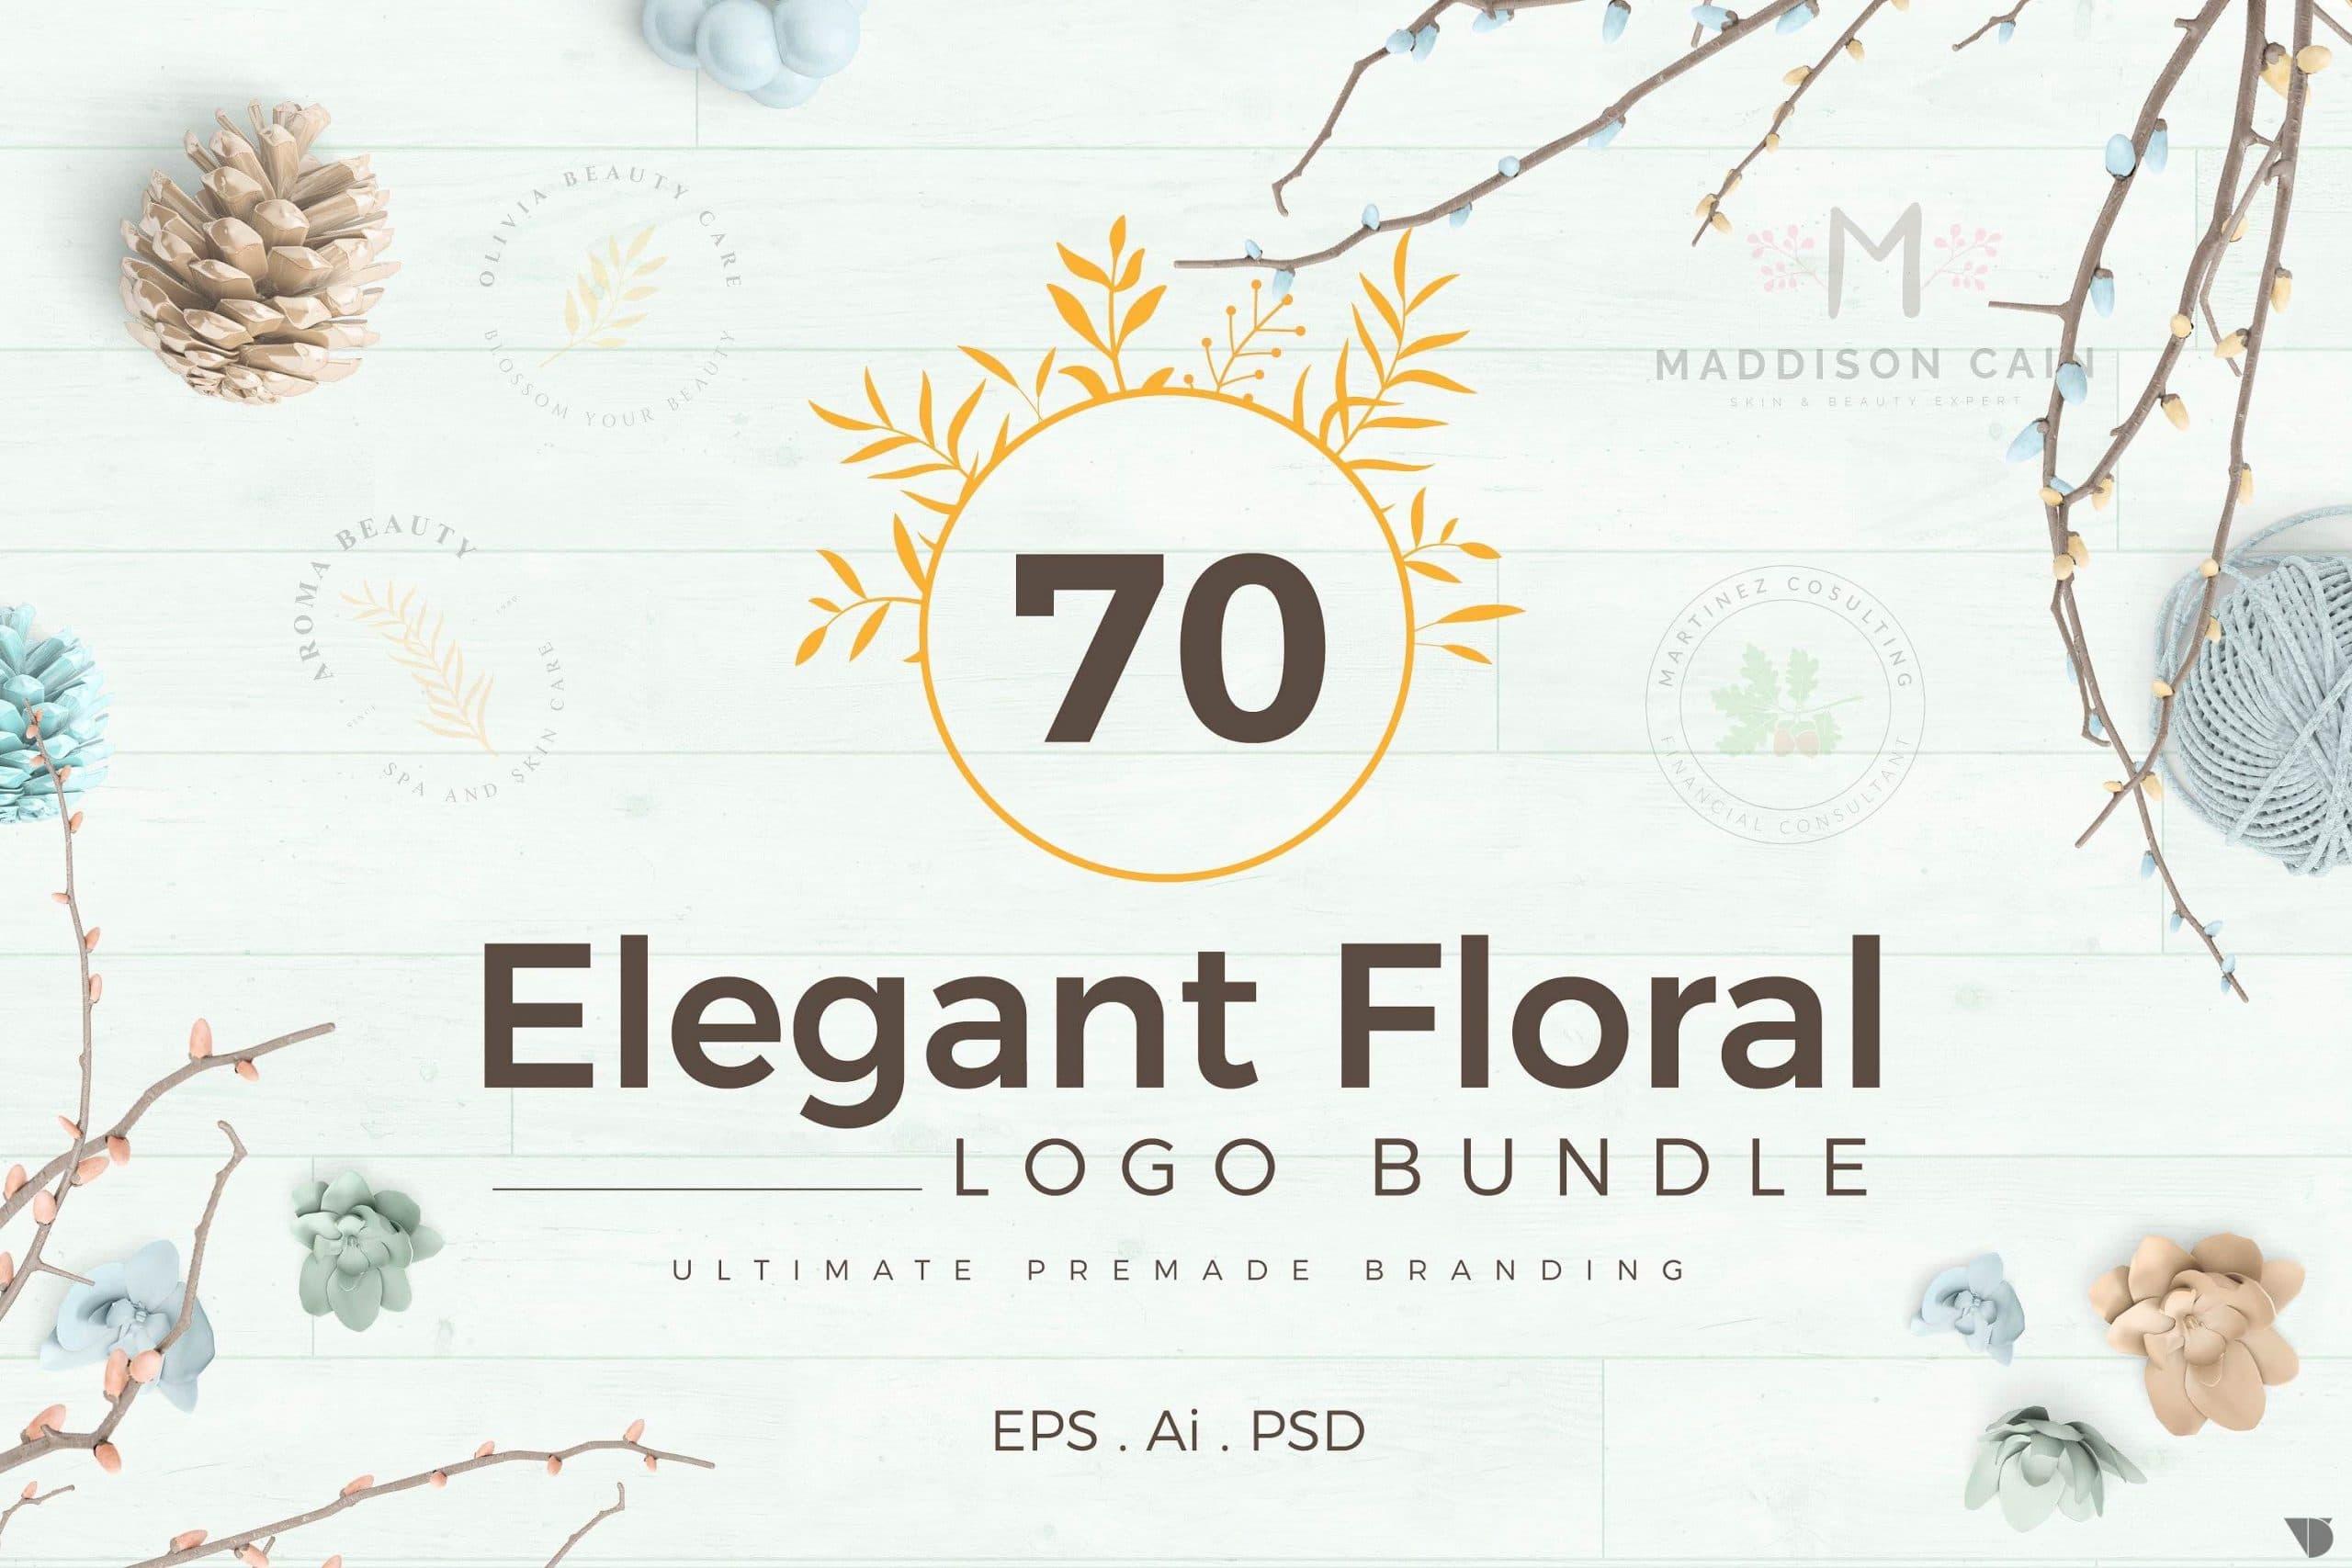 Thiết kế logo sản phẩm đẹp - chất lượng